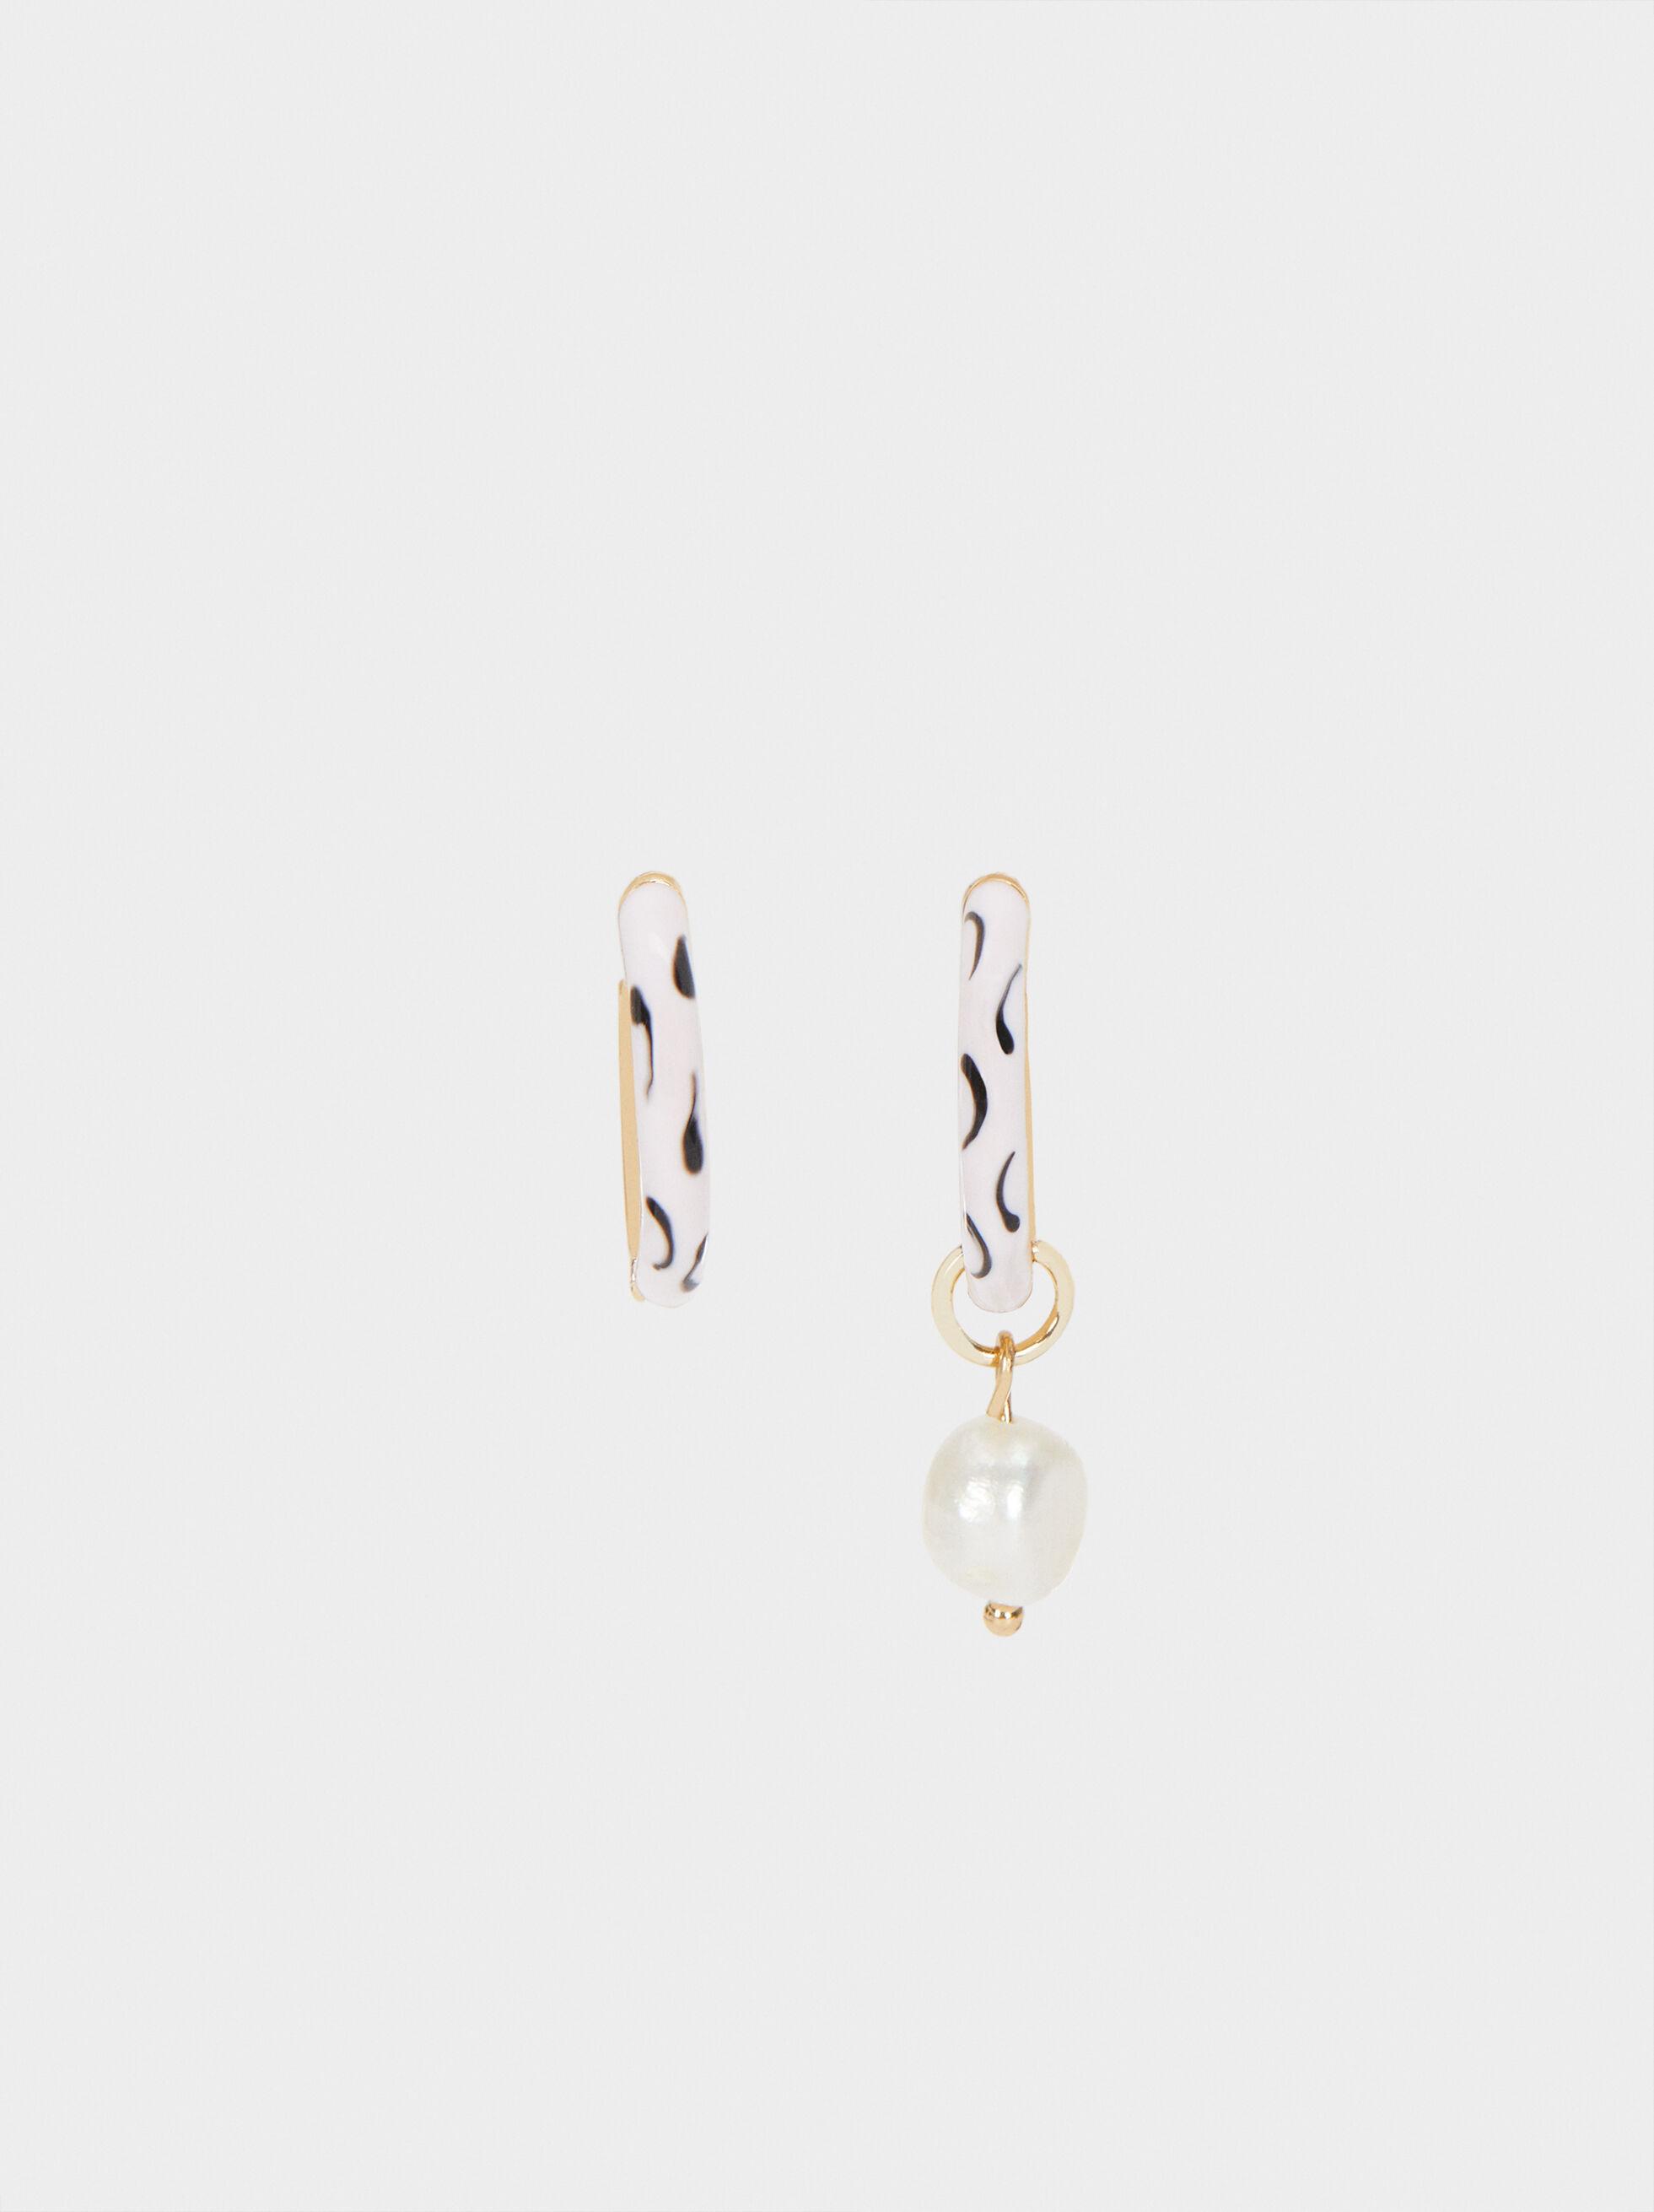 Set Of Small Hoop Earrings, Multicolor, hi-res